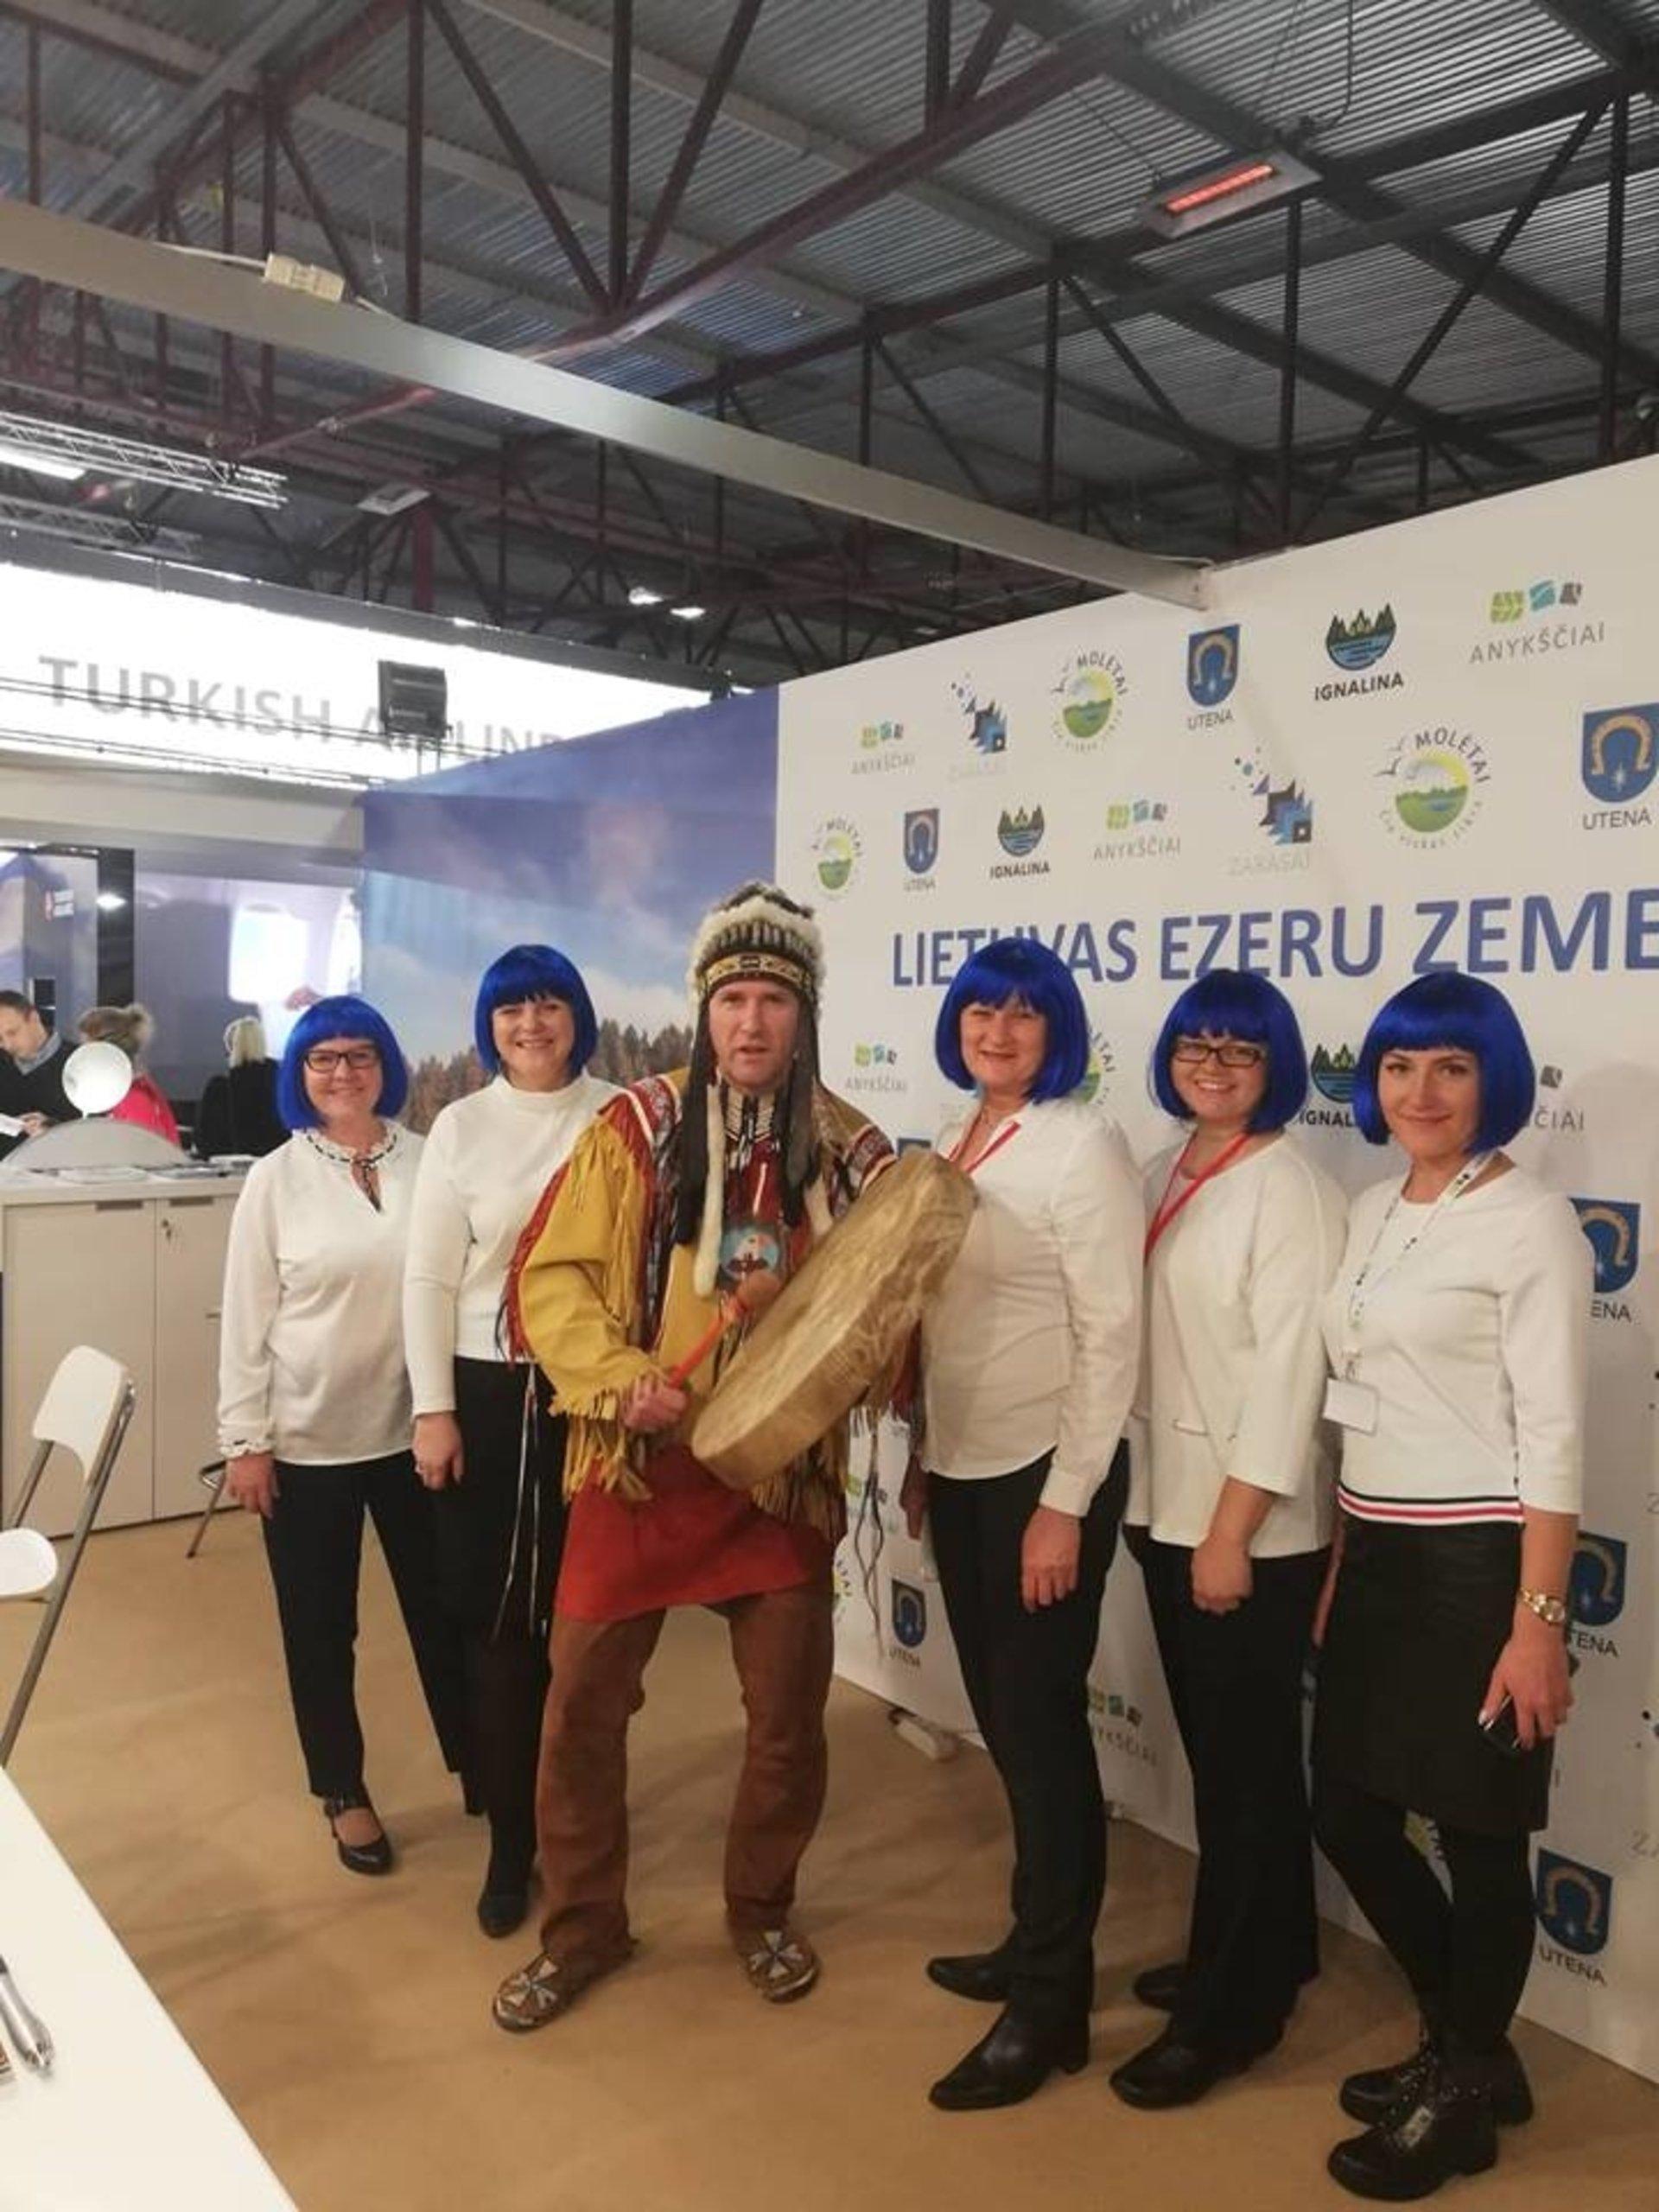 Balttour 2019 turizmo paroda Latvijoje